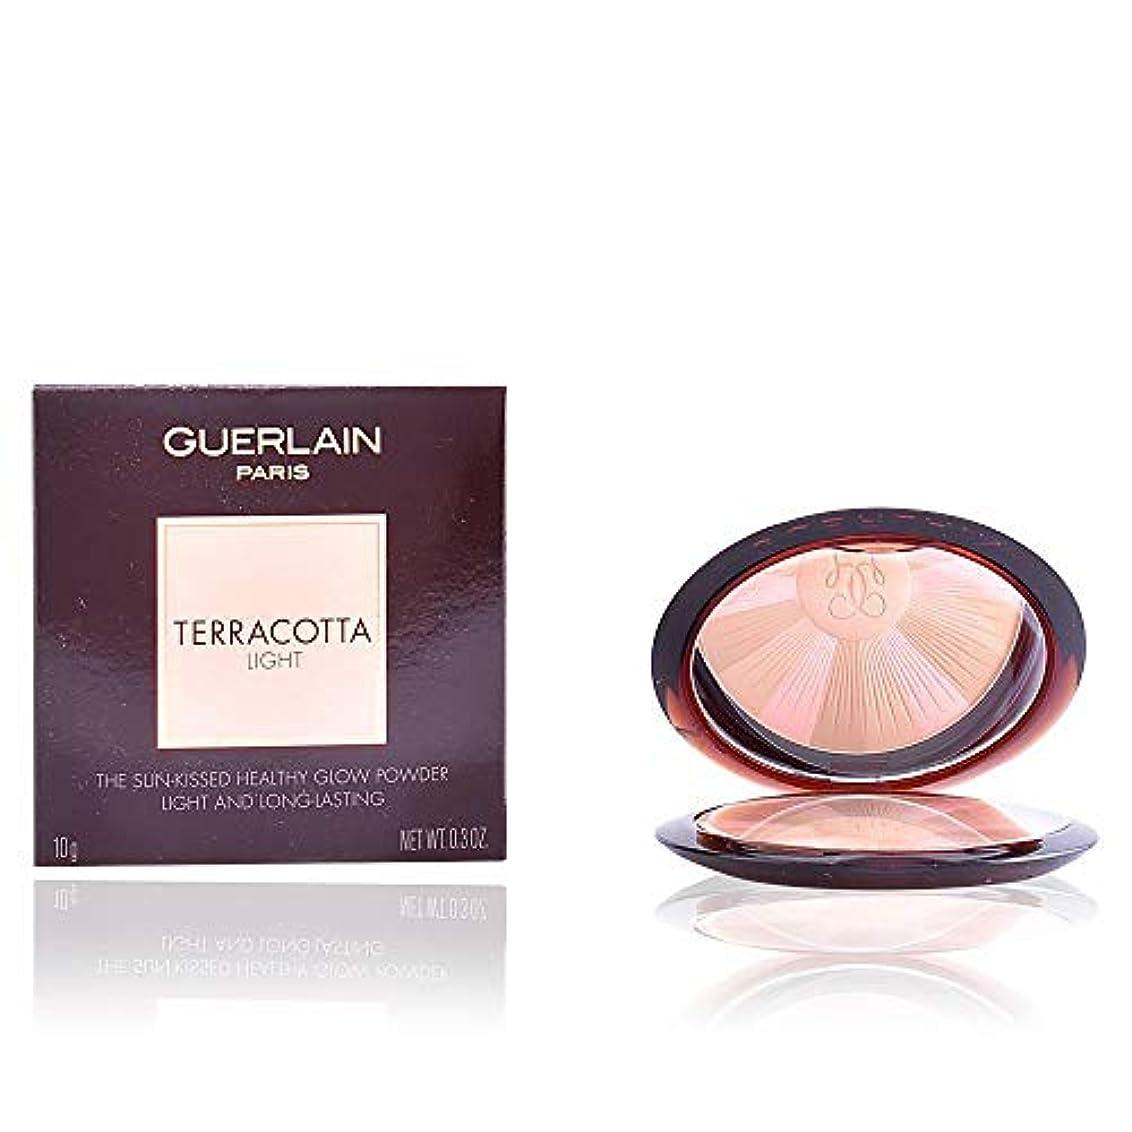 ゲラン Terracotta Light The Sun Kissed Healthy Glow Powder - # 00 Light Cool 10g/0.3oz並行輸入品